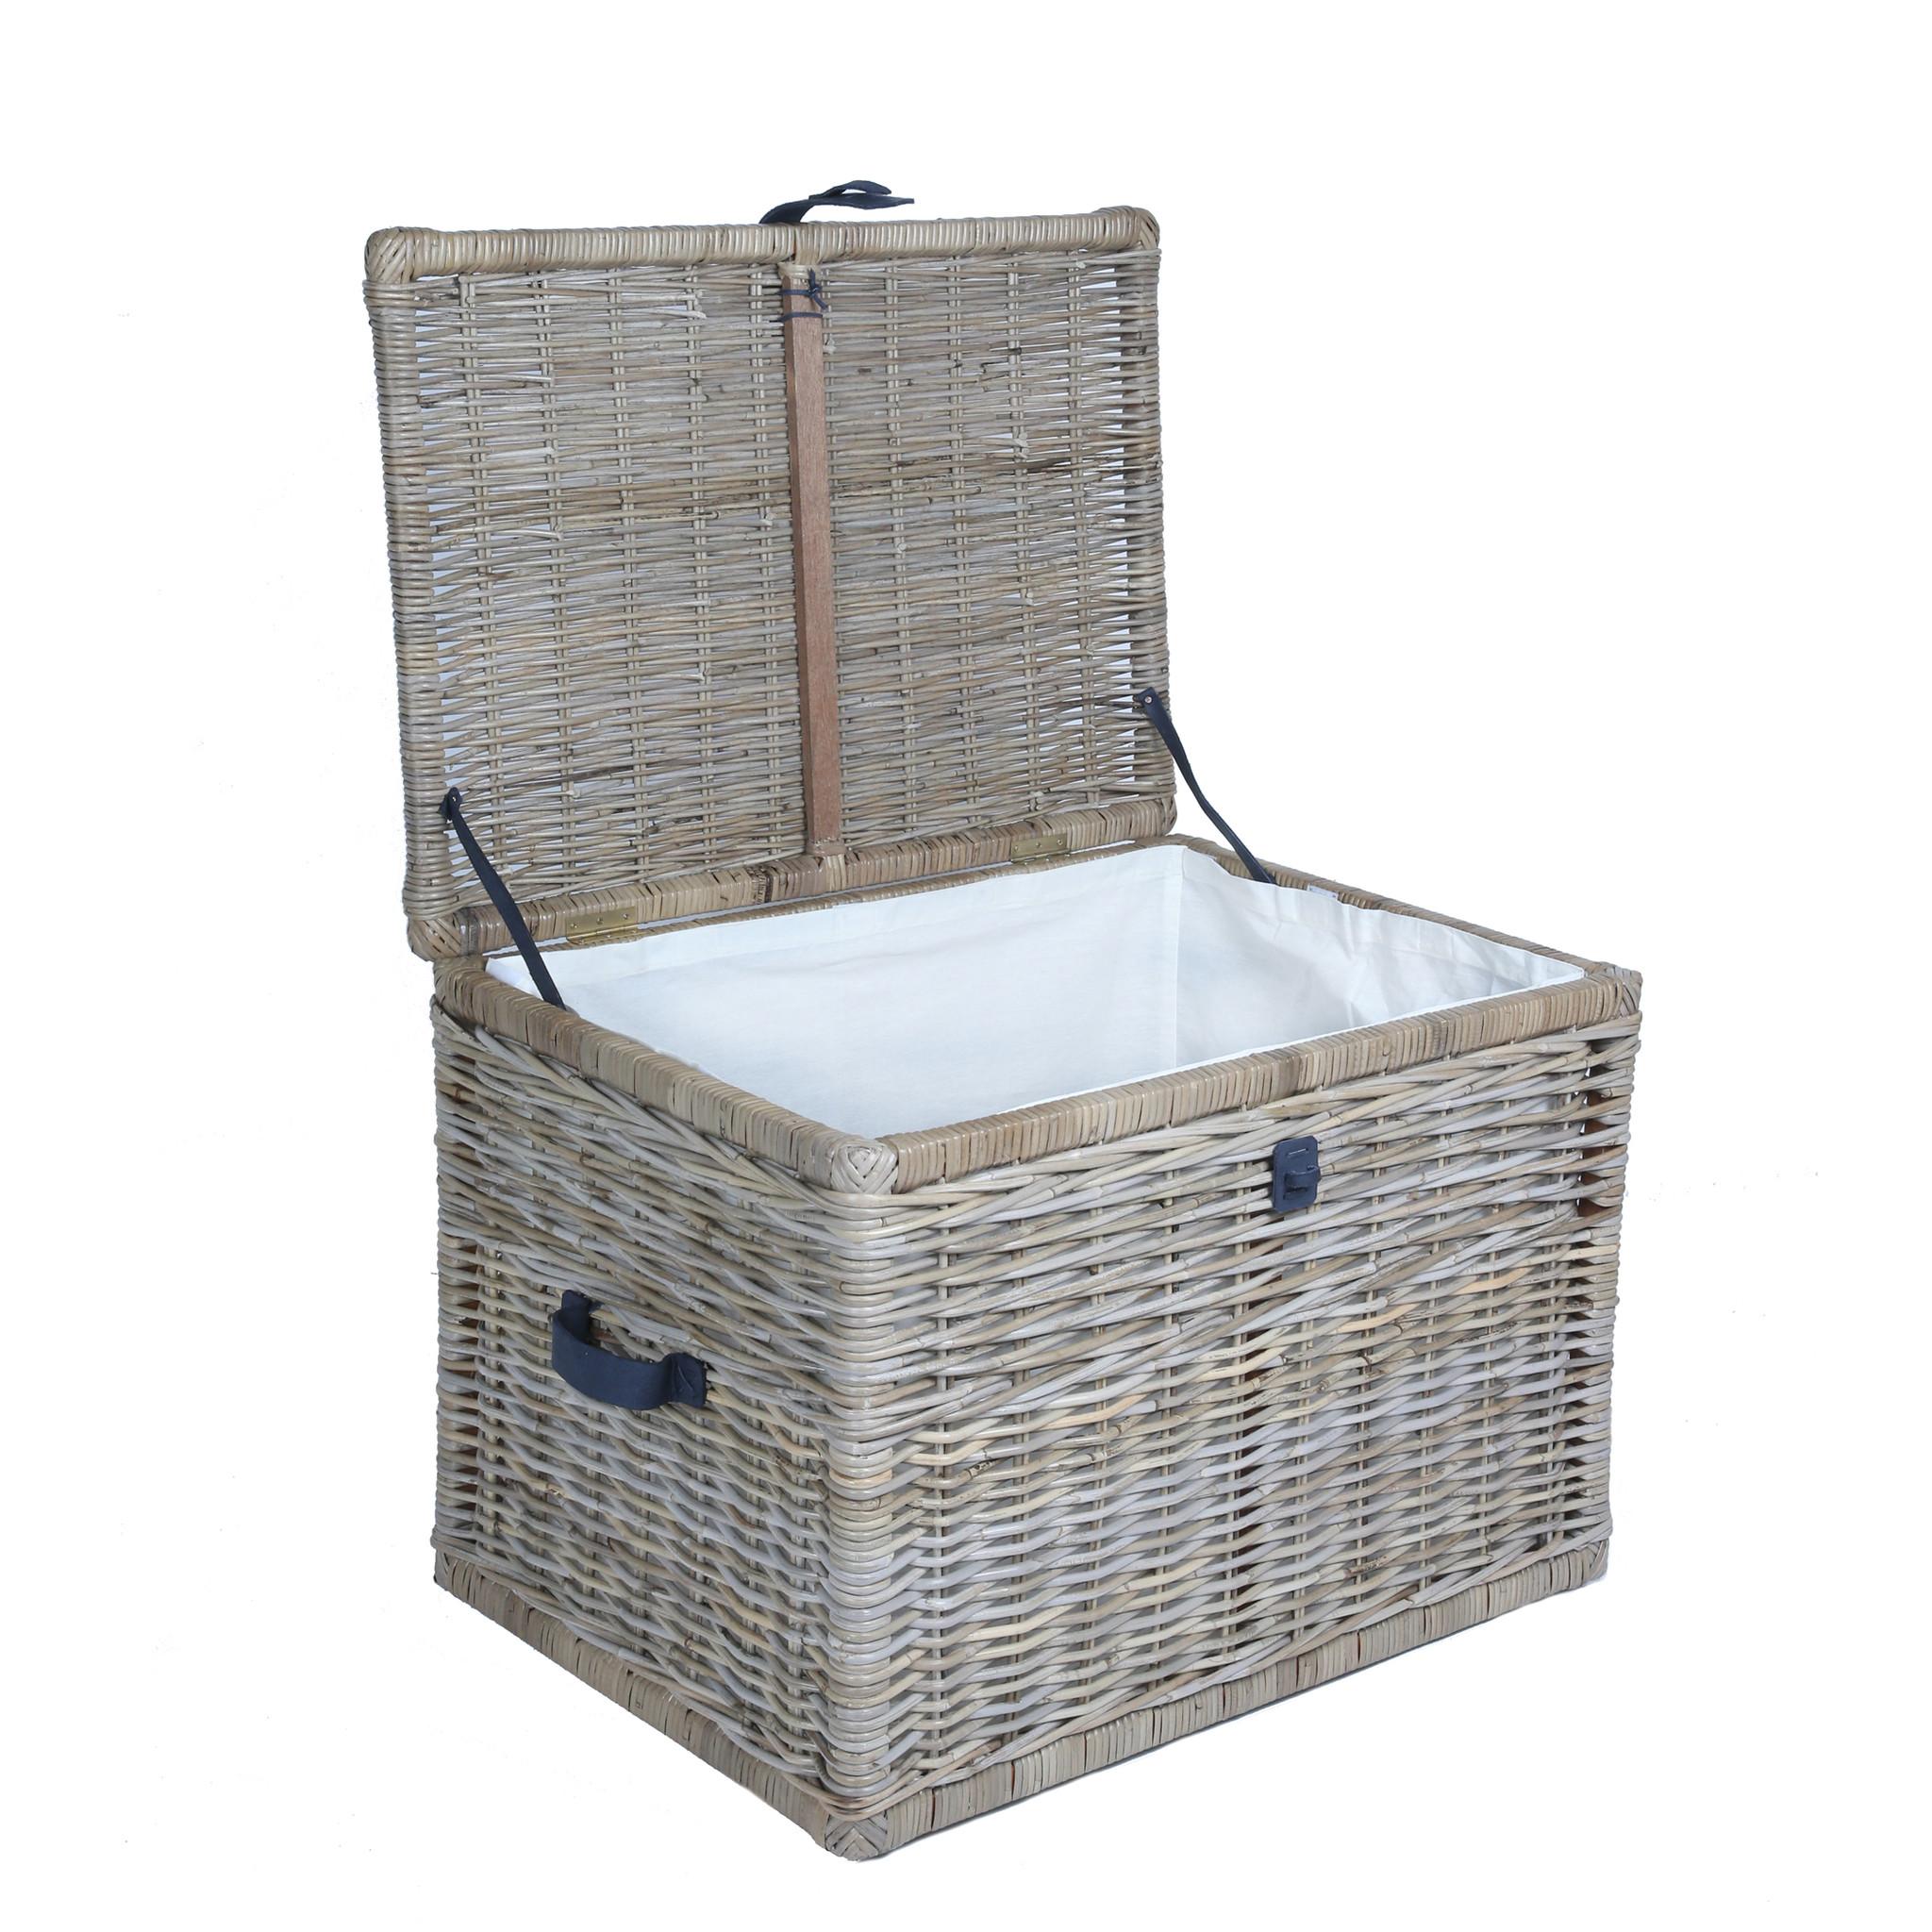 Stylish ... Deep Kubu Wicker Storage Trunk with lid open, large in Serene large wicker storage baskets